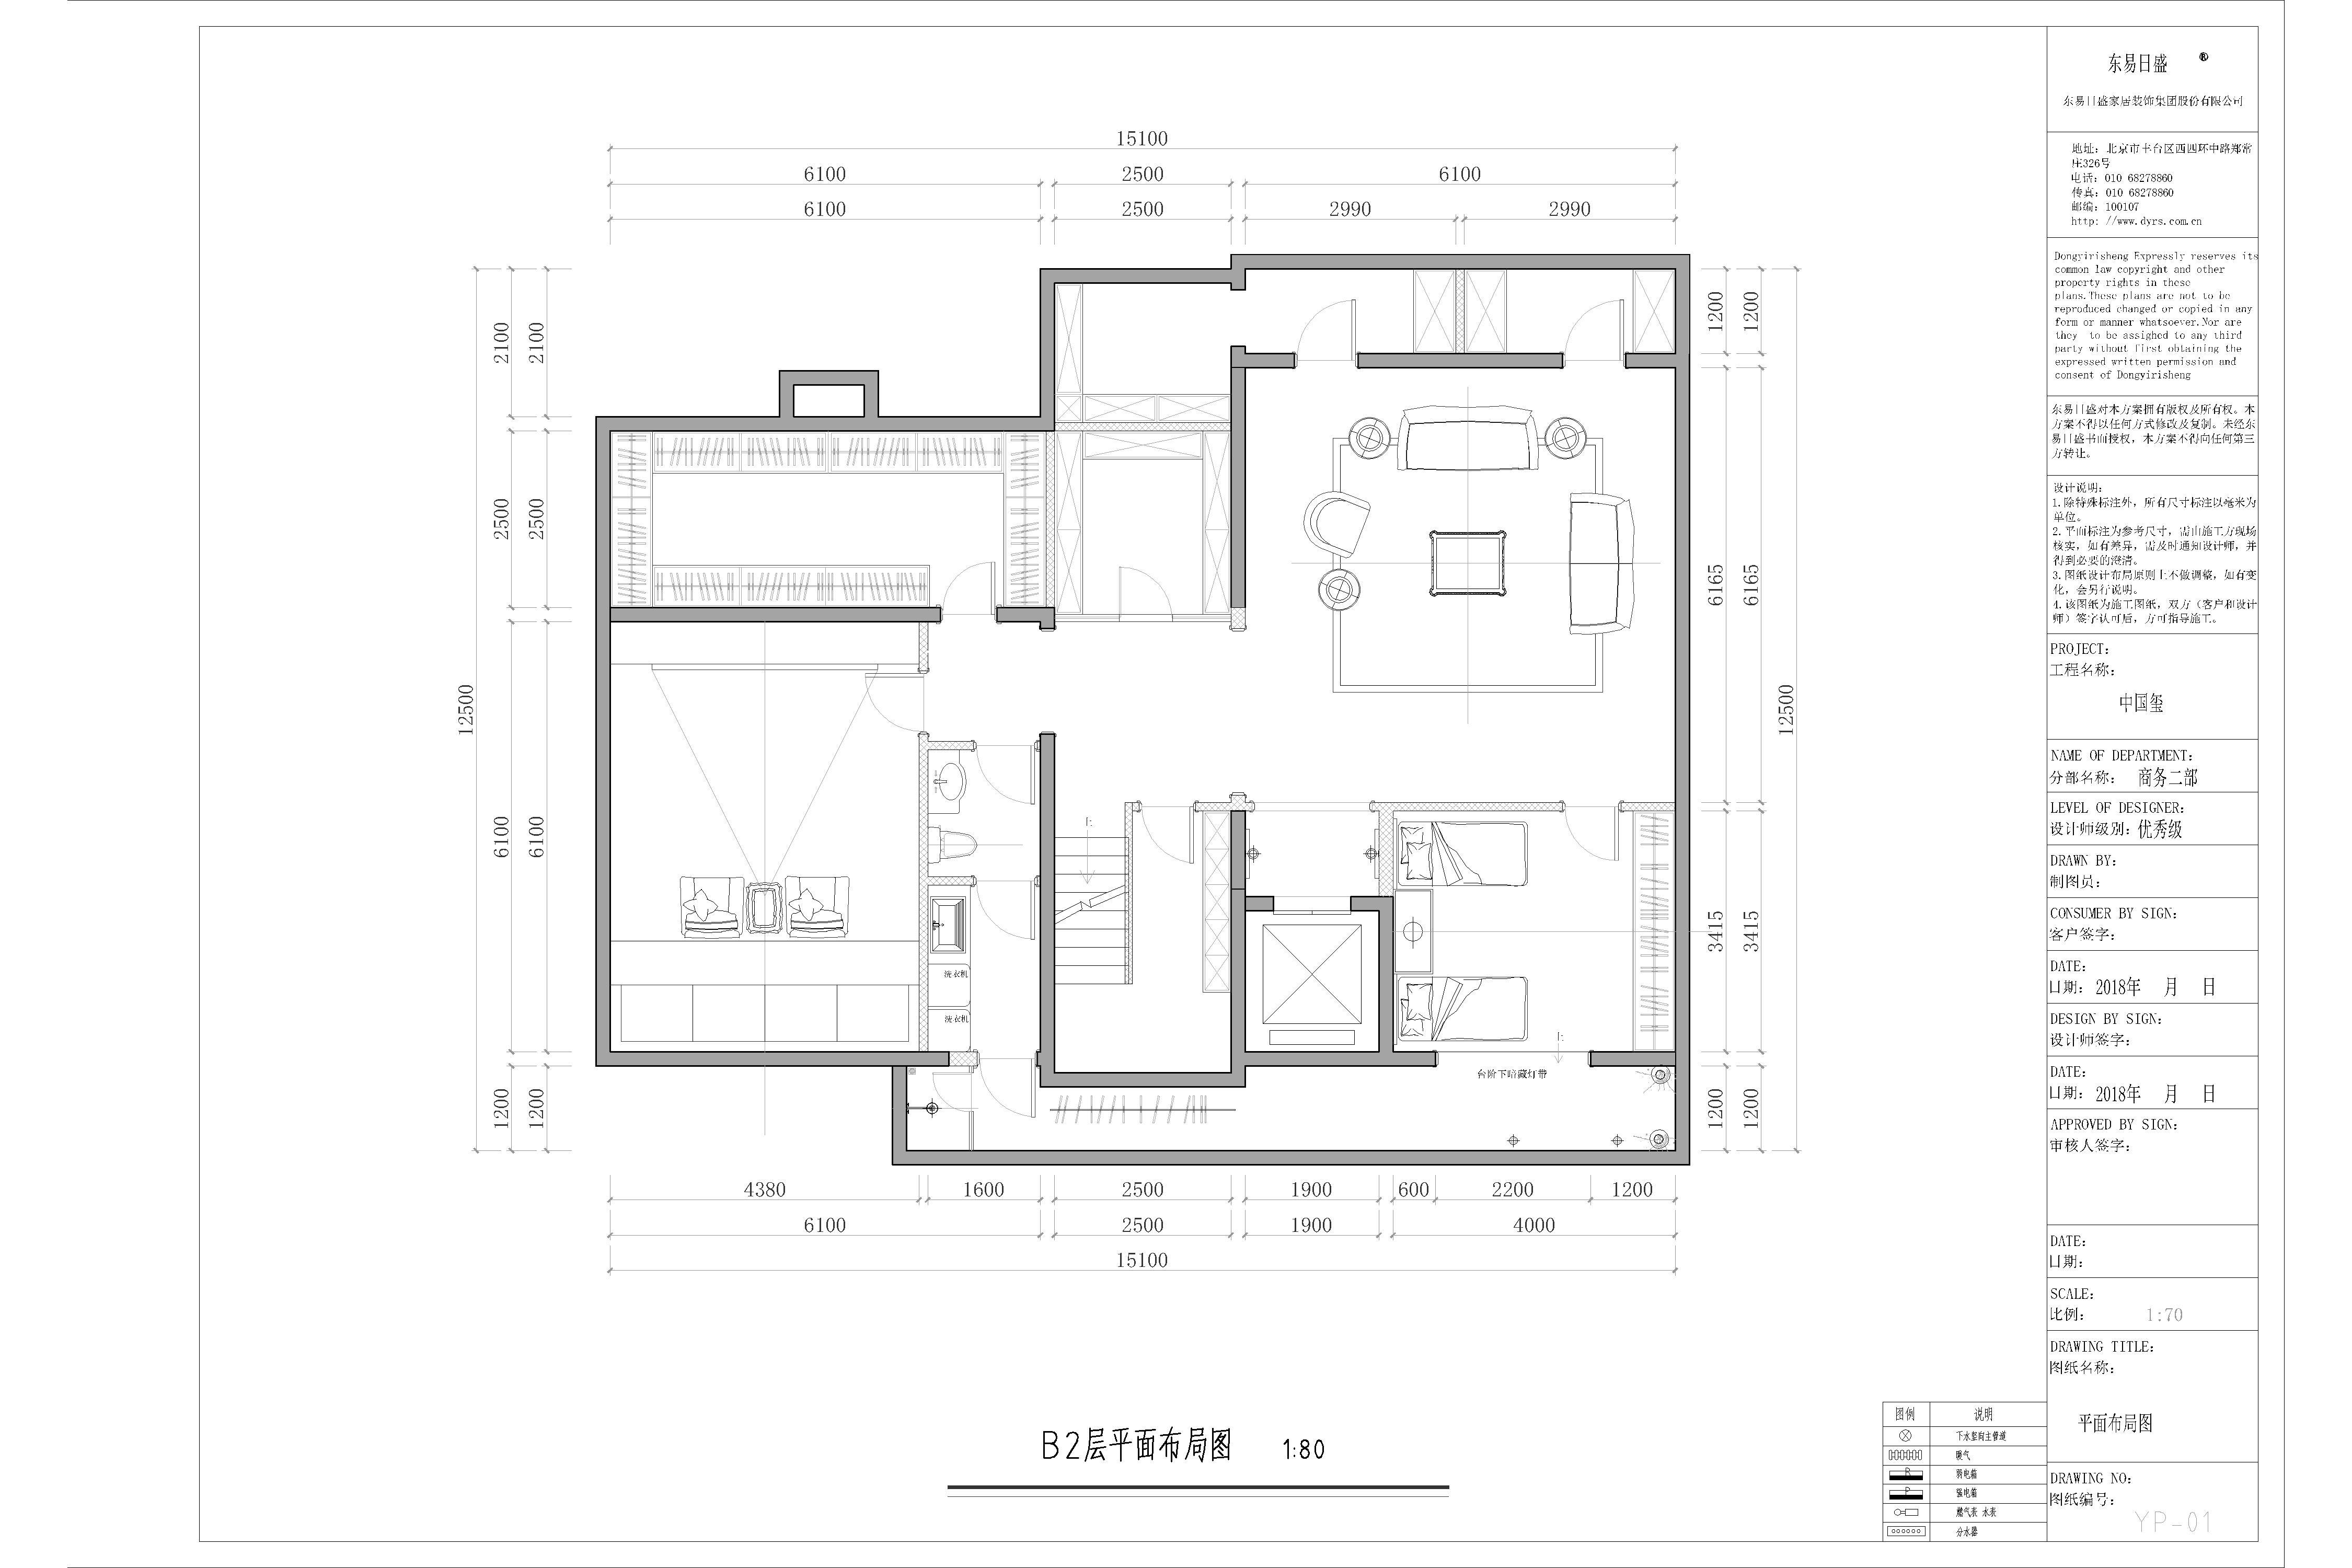 潤澤御府-550平米-美式風格裝修效果圖裝修設計理念